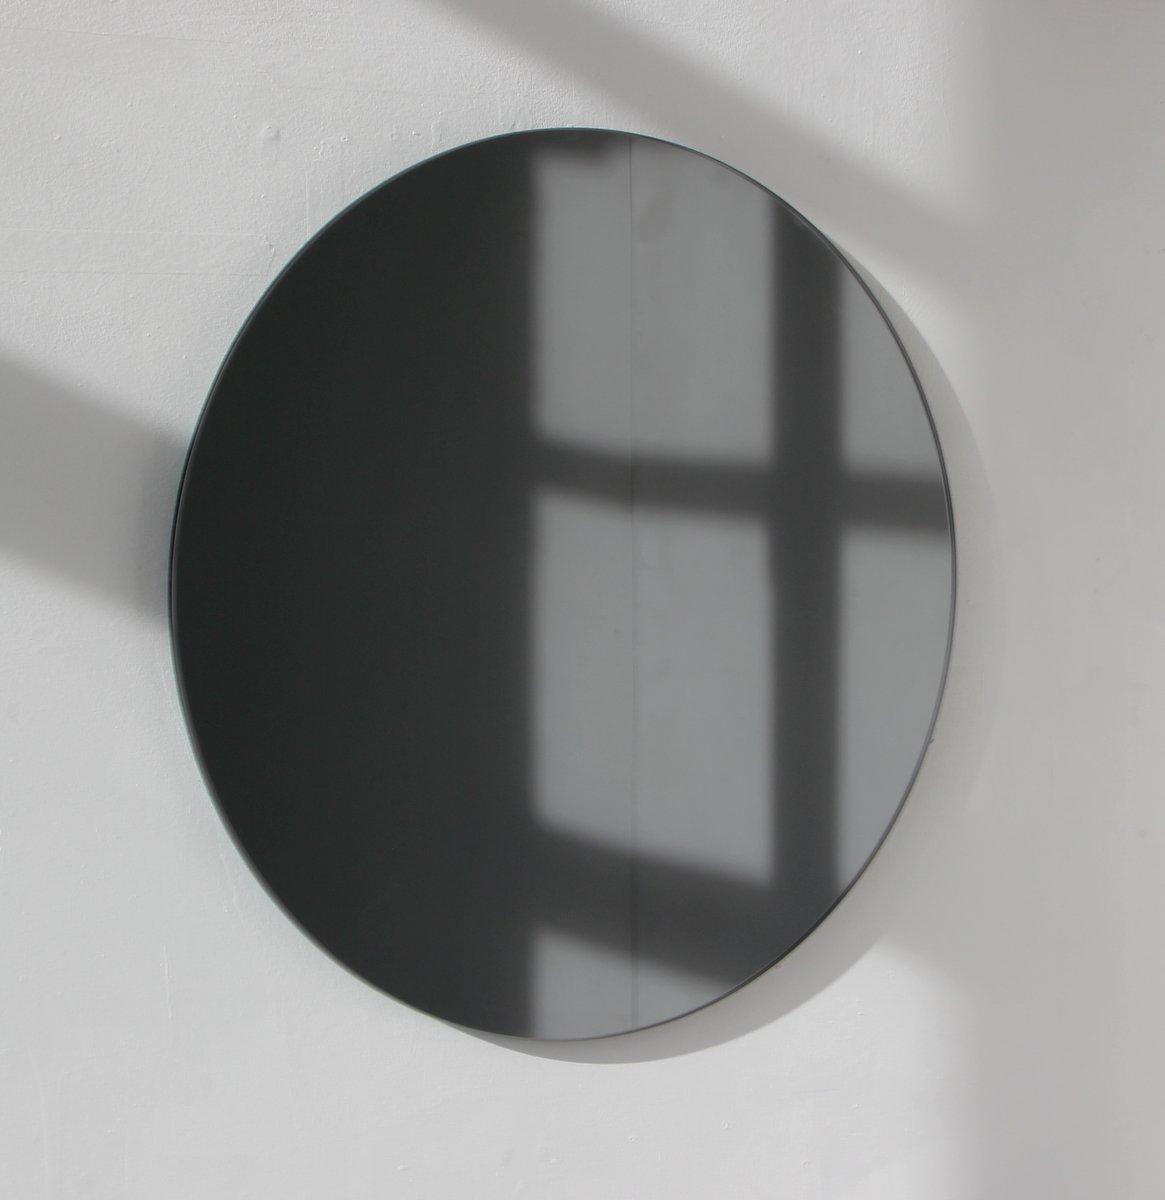 miroir rond xl orbis teint noir sans cadre par alguacil. Black Bedroom Furniture Sets. Home Design Ideas